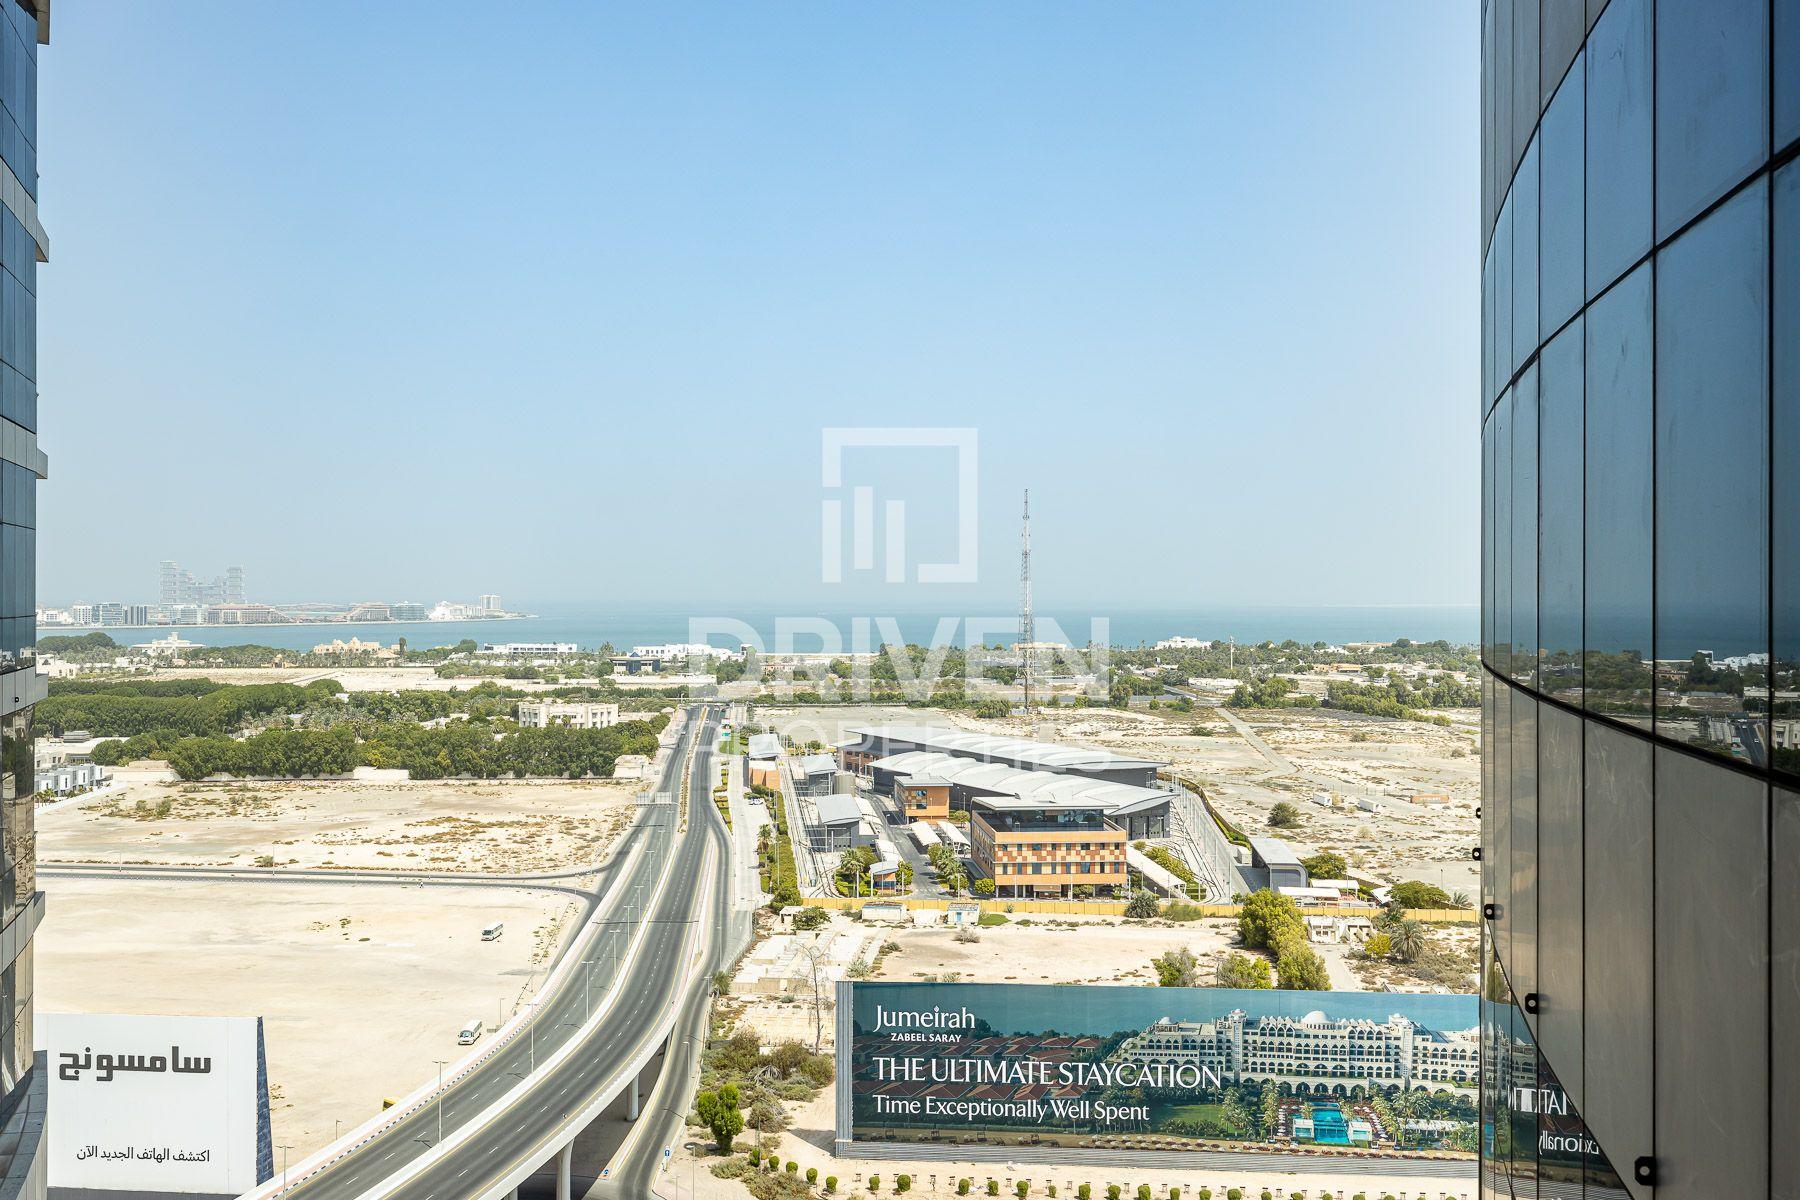 للايجار - مكتب - A برج - شارع الشيخ زايد